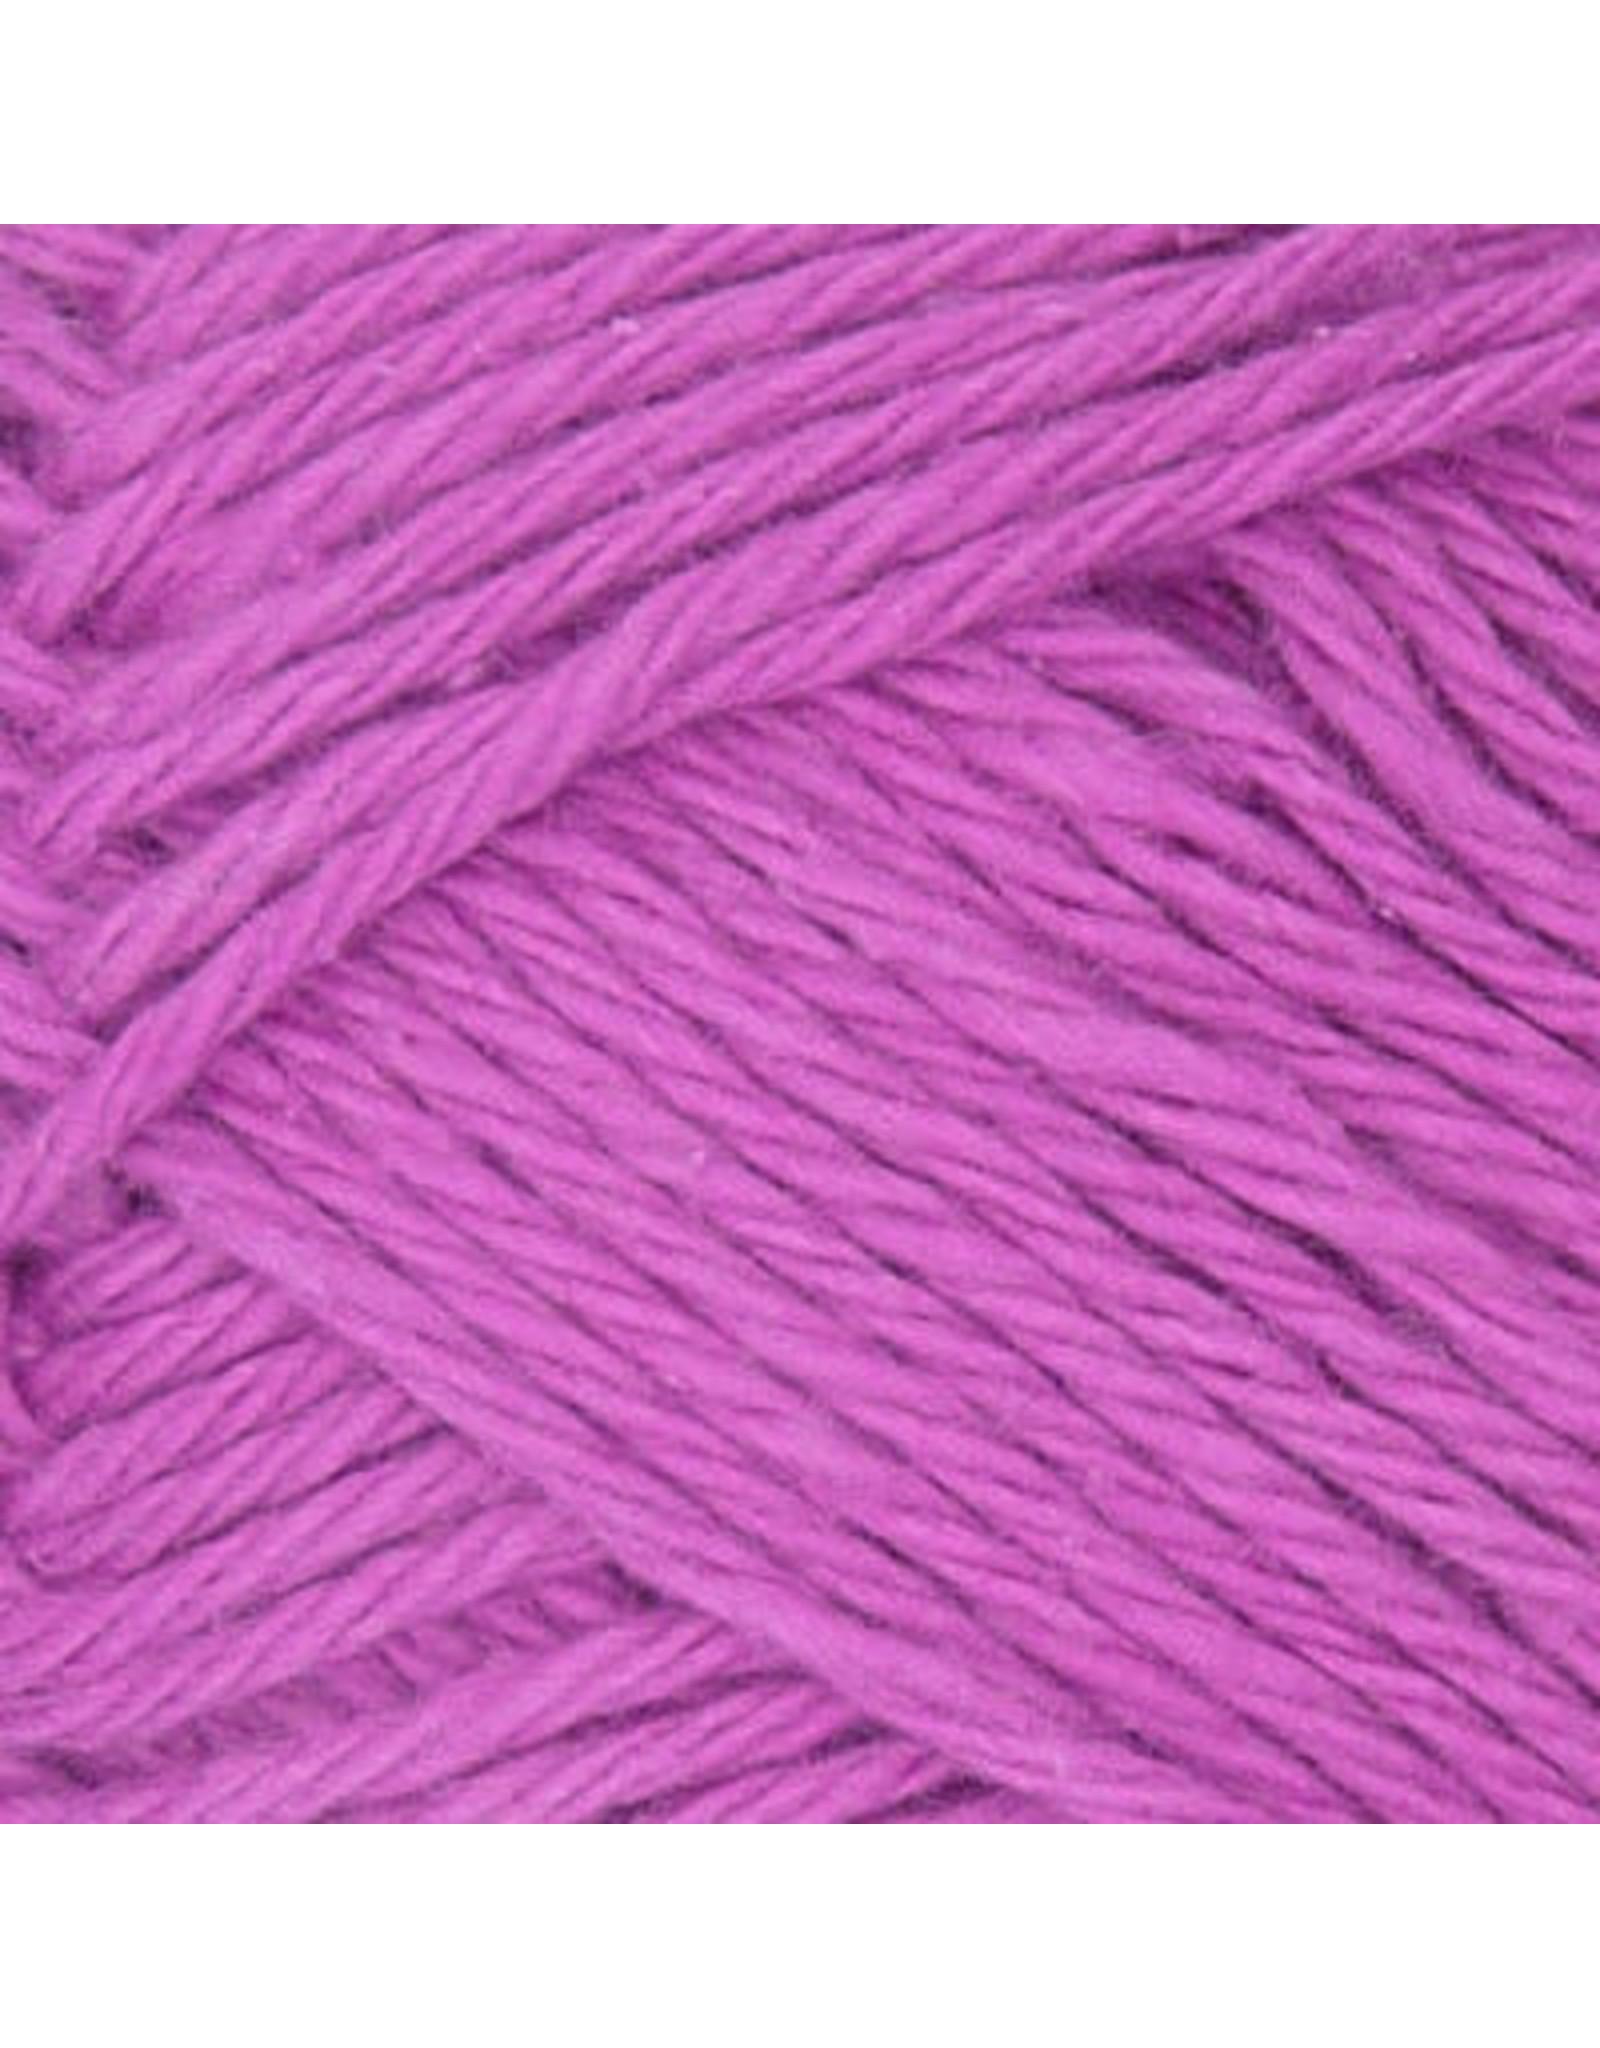 Sudz Sudz Cotton Solids, 1 de 3 - Estelle Yarns